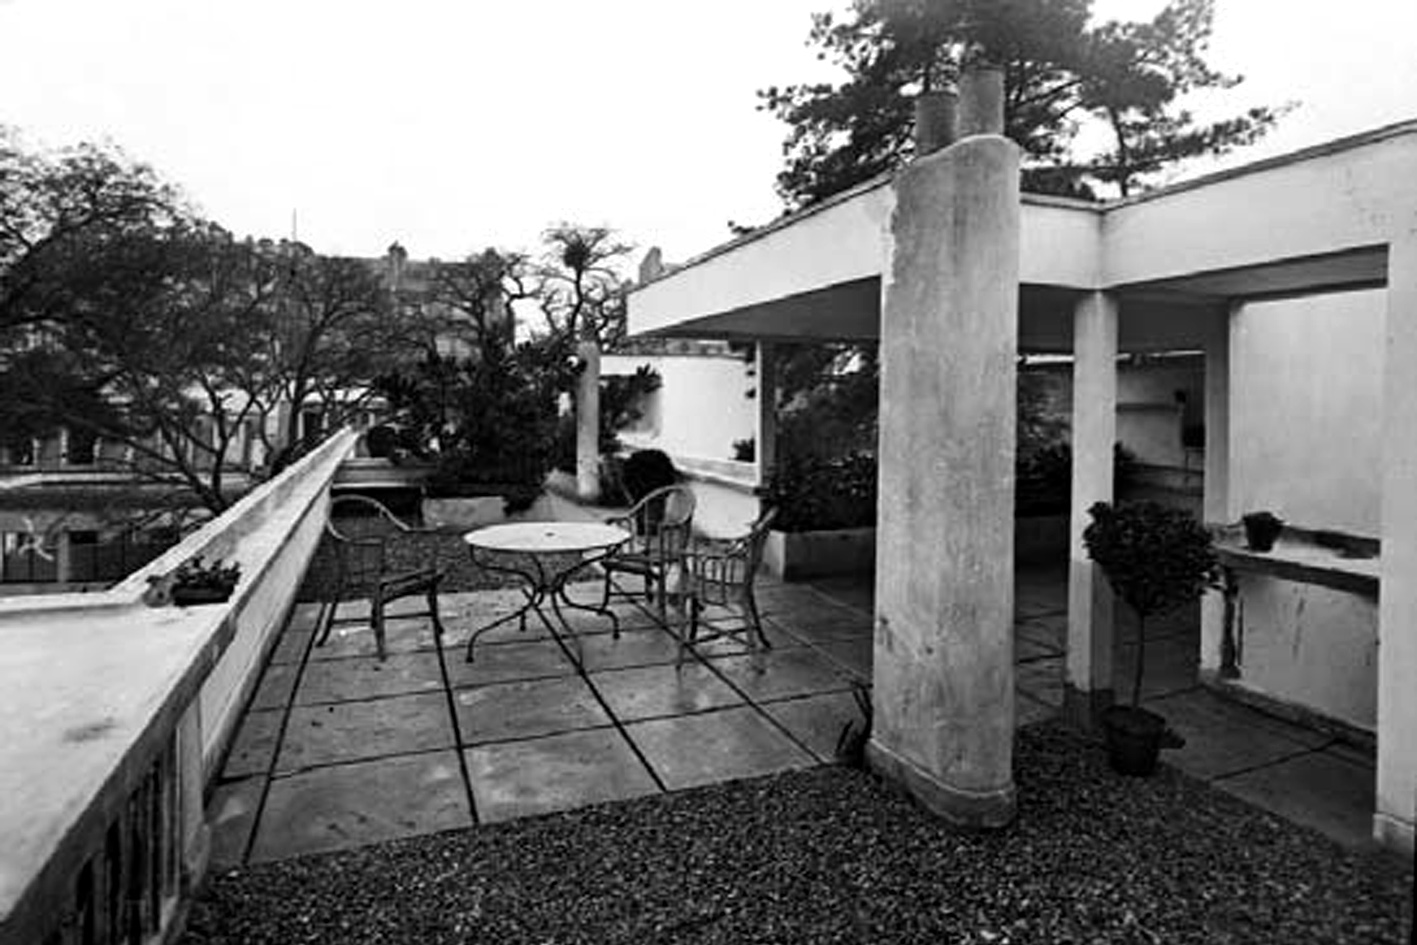 Revista digital apuntes de arquitectura villa la rocca for Villa jardin lanus oeste